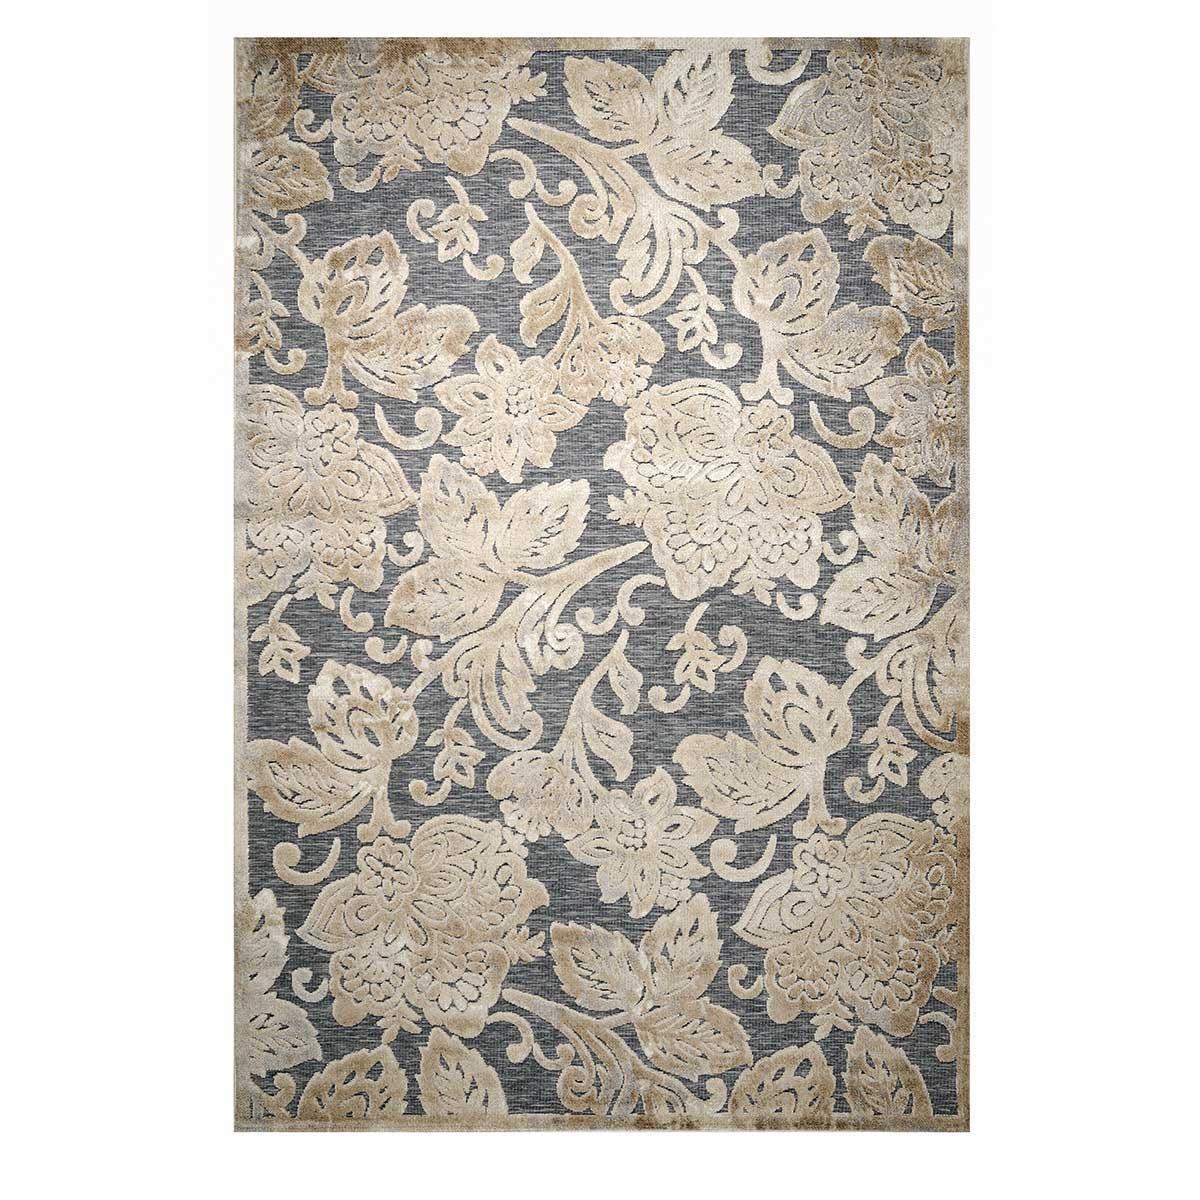 Χαλιά Κρεβατοκάμαρας (Σετ 3τμχ) Tzikas Carpets Boheme 30231-957